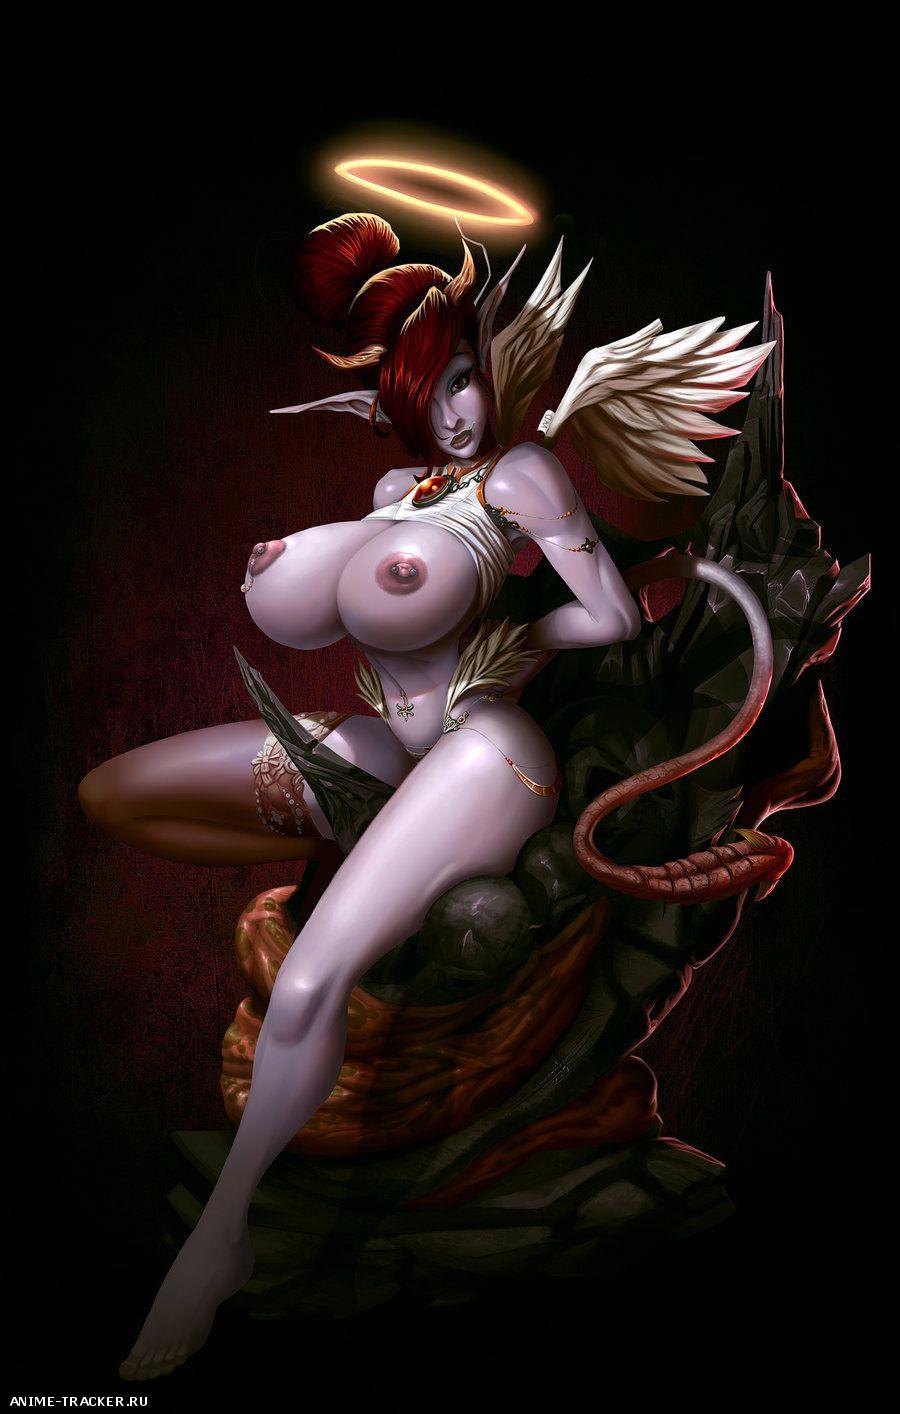 Хентай демонический ангелочек д 12 фотография